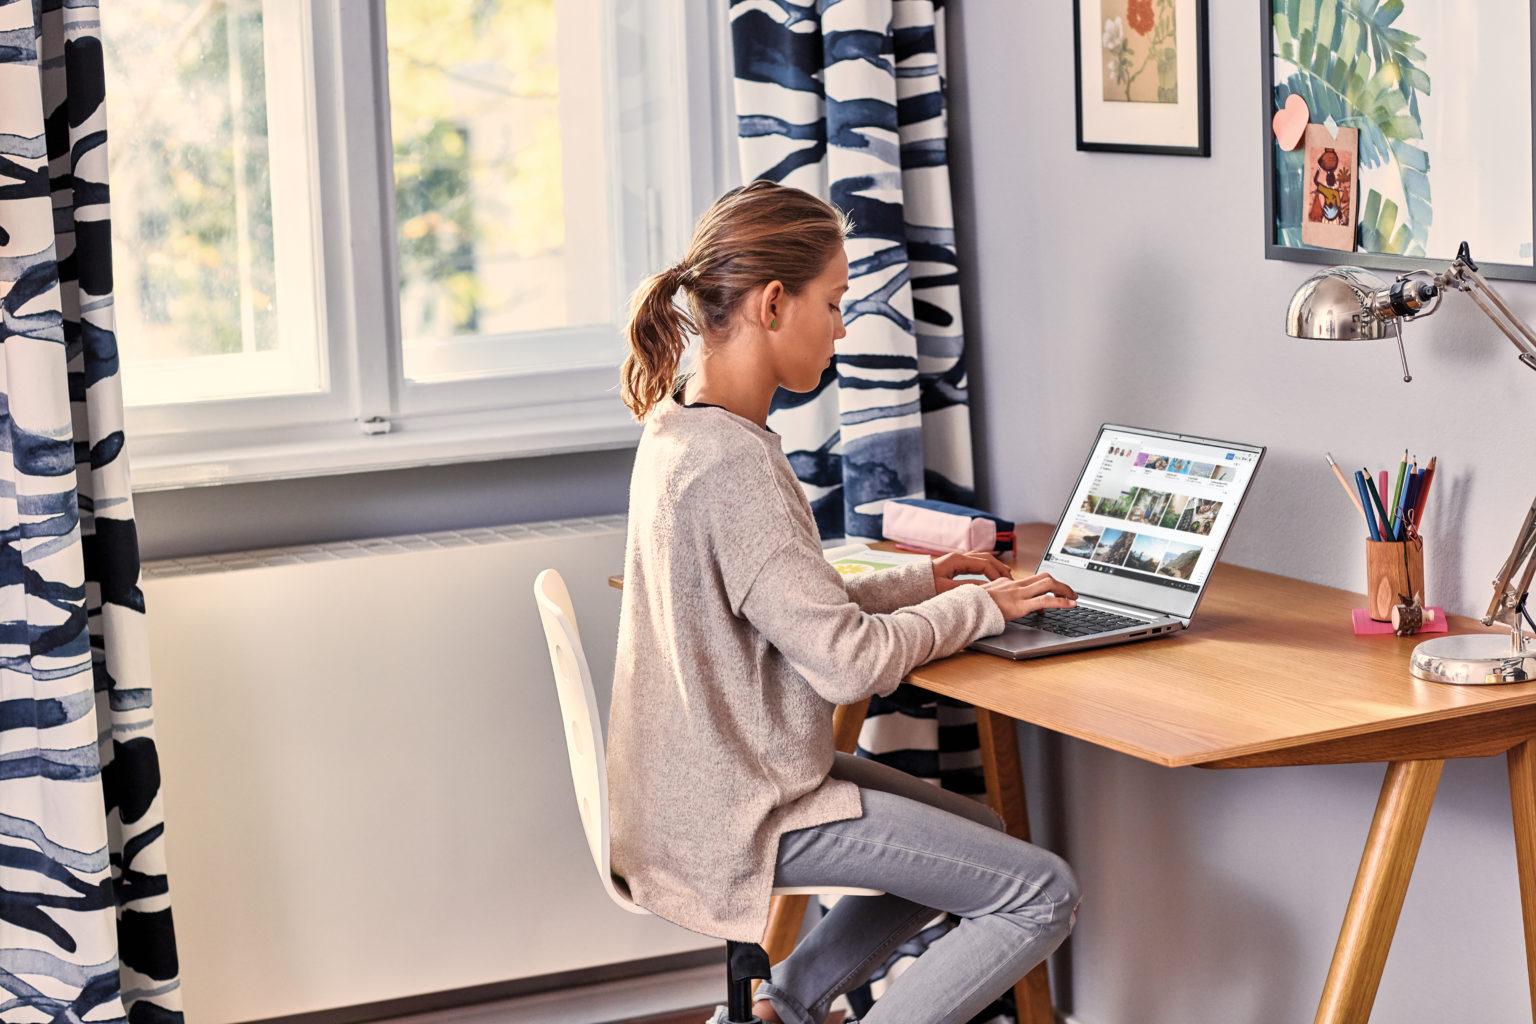 niña haciendo tareas en un ordenador con Windows 10